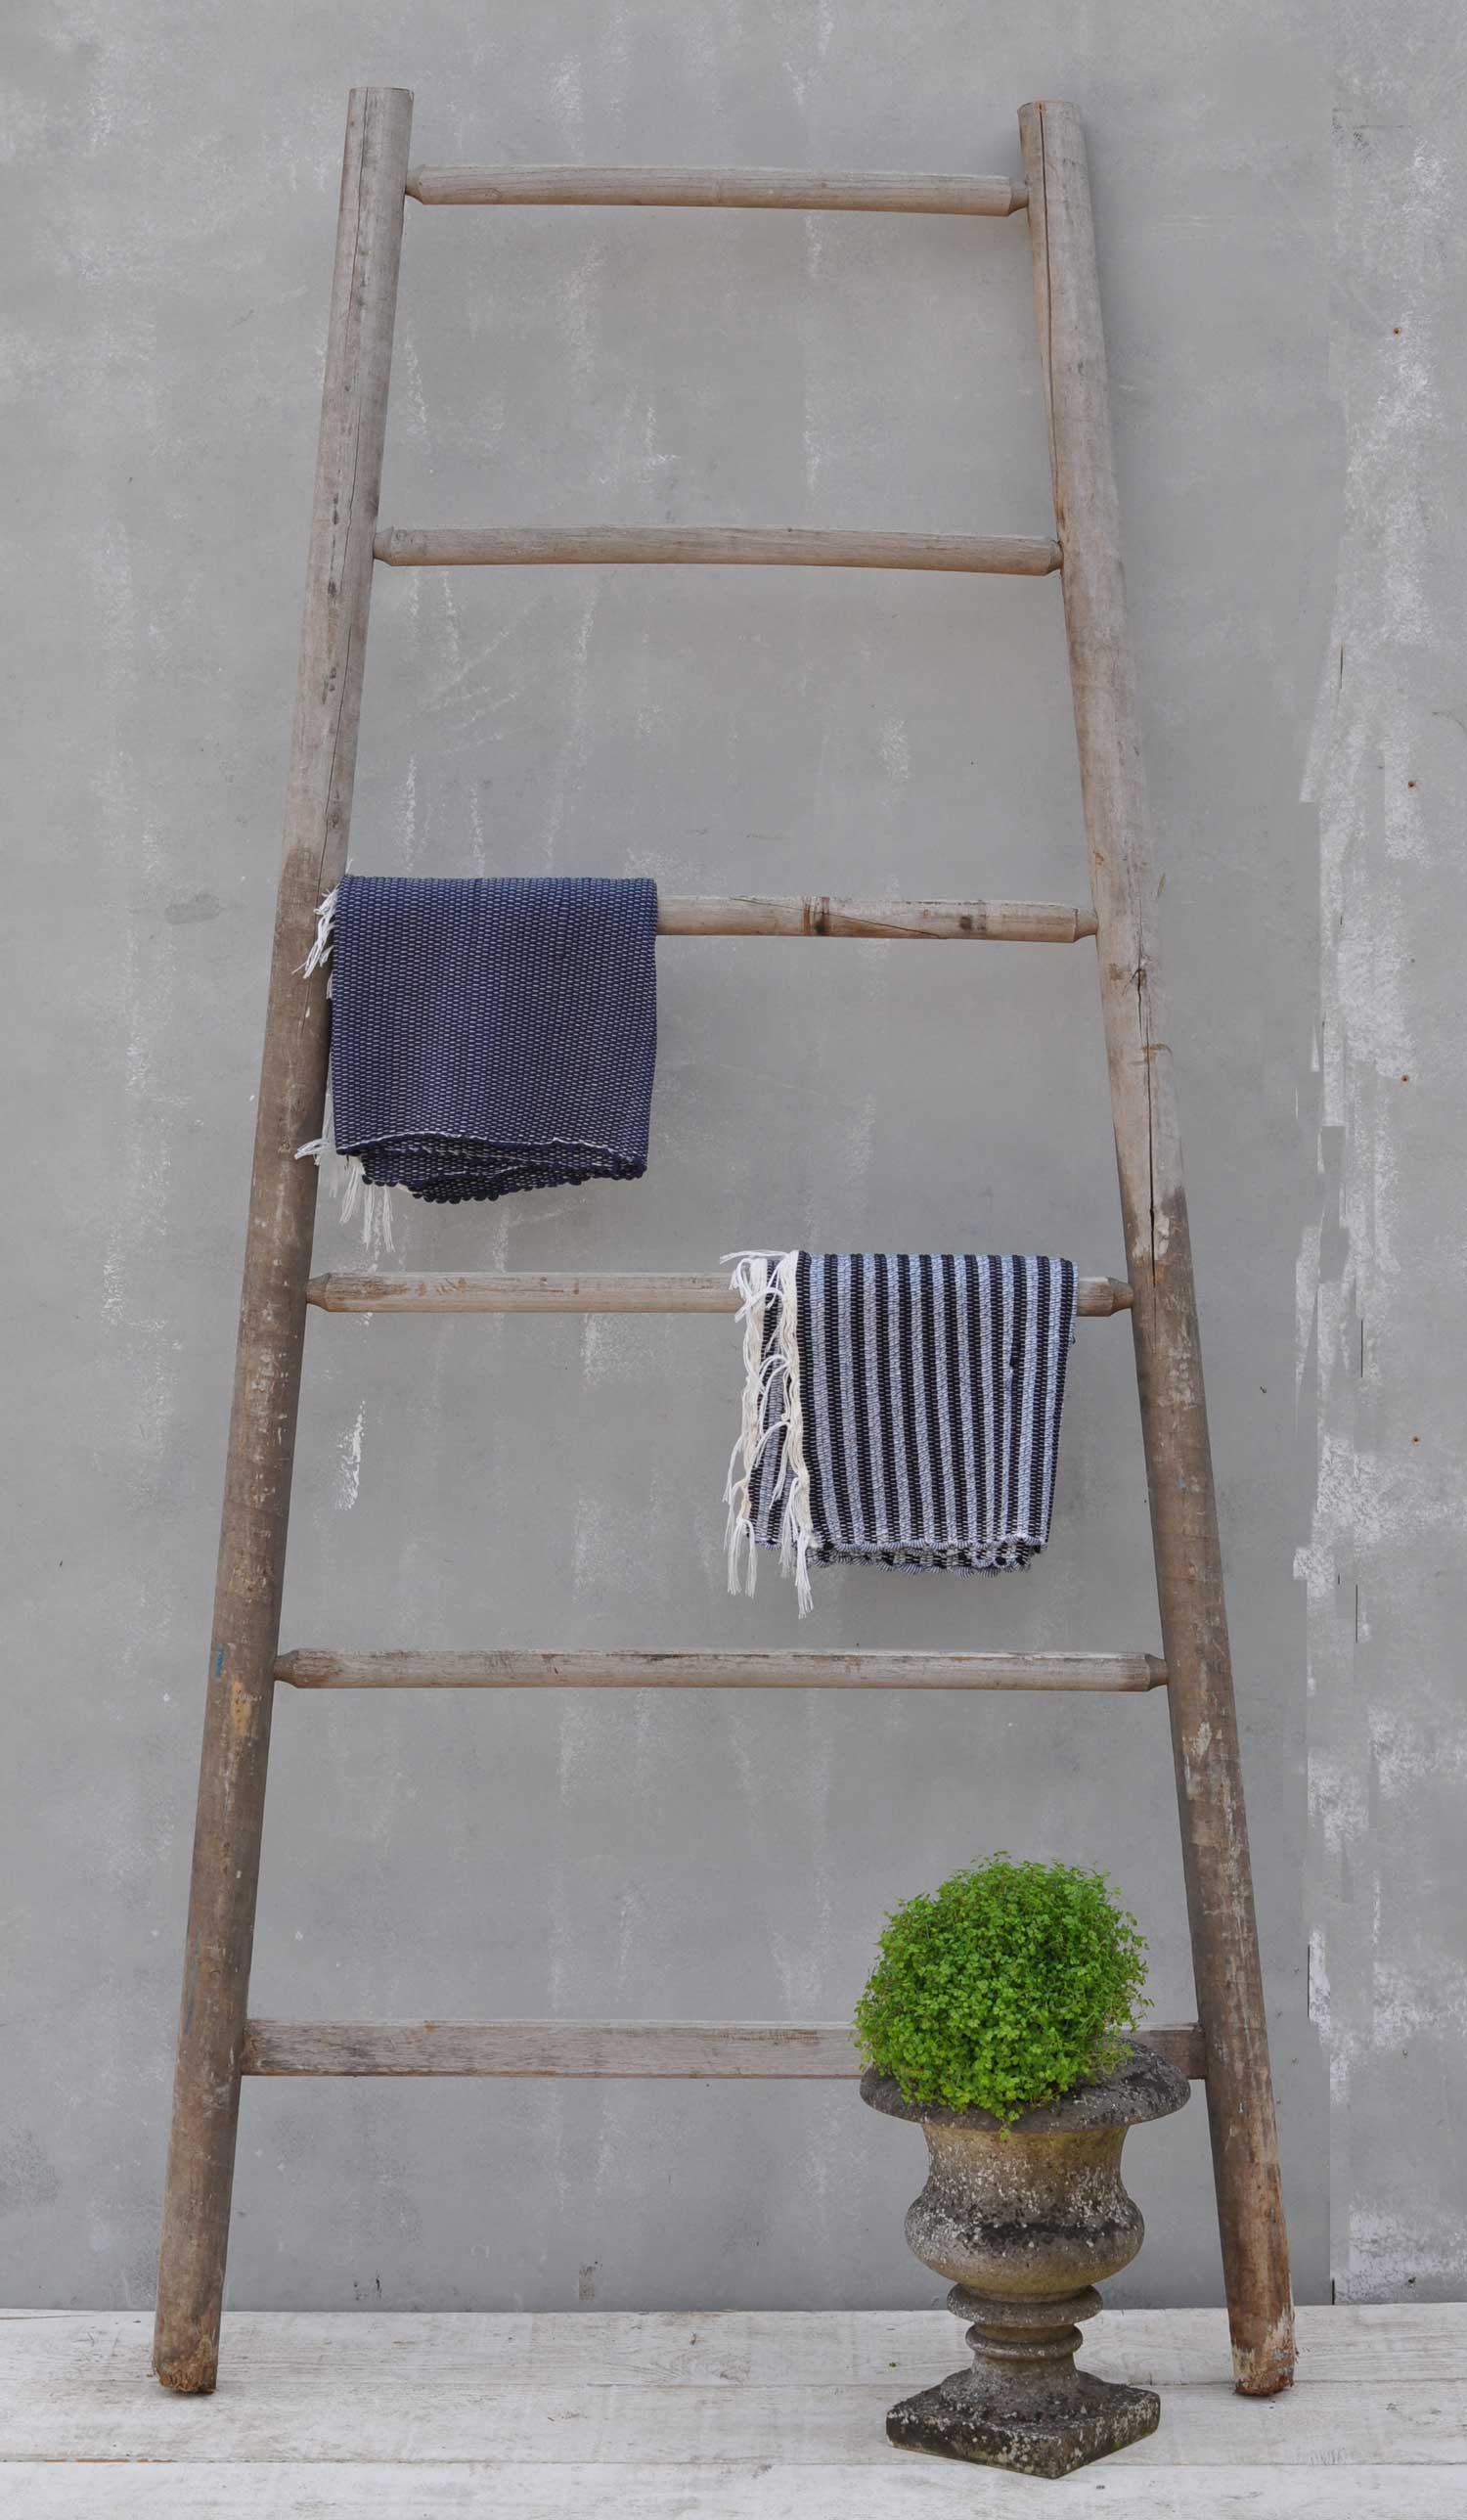 Vintage Fruit Picking Ladder Towel Rail Or Retail